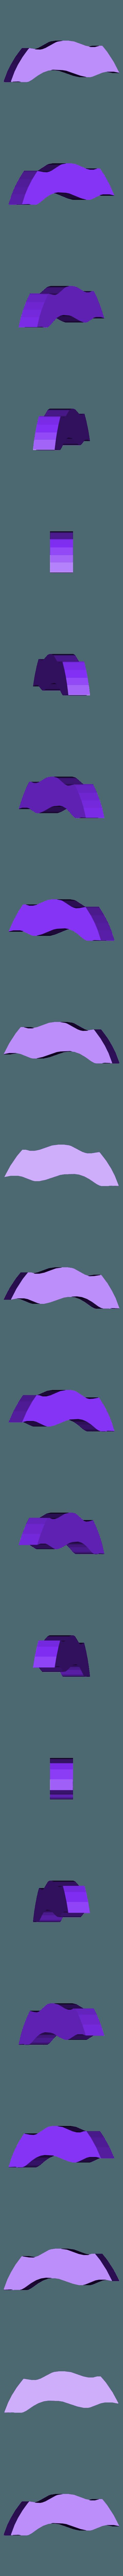 oeufs bleu 1.stl Télécharger fichier STL gratuit œufs de Pâques multicolore • Modèle pour imprimante 3D, catf3d